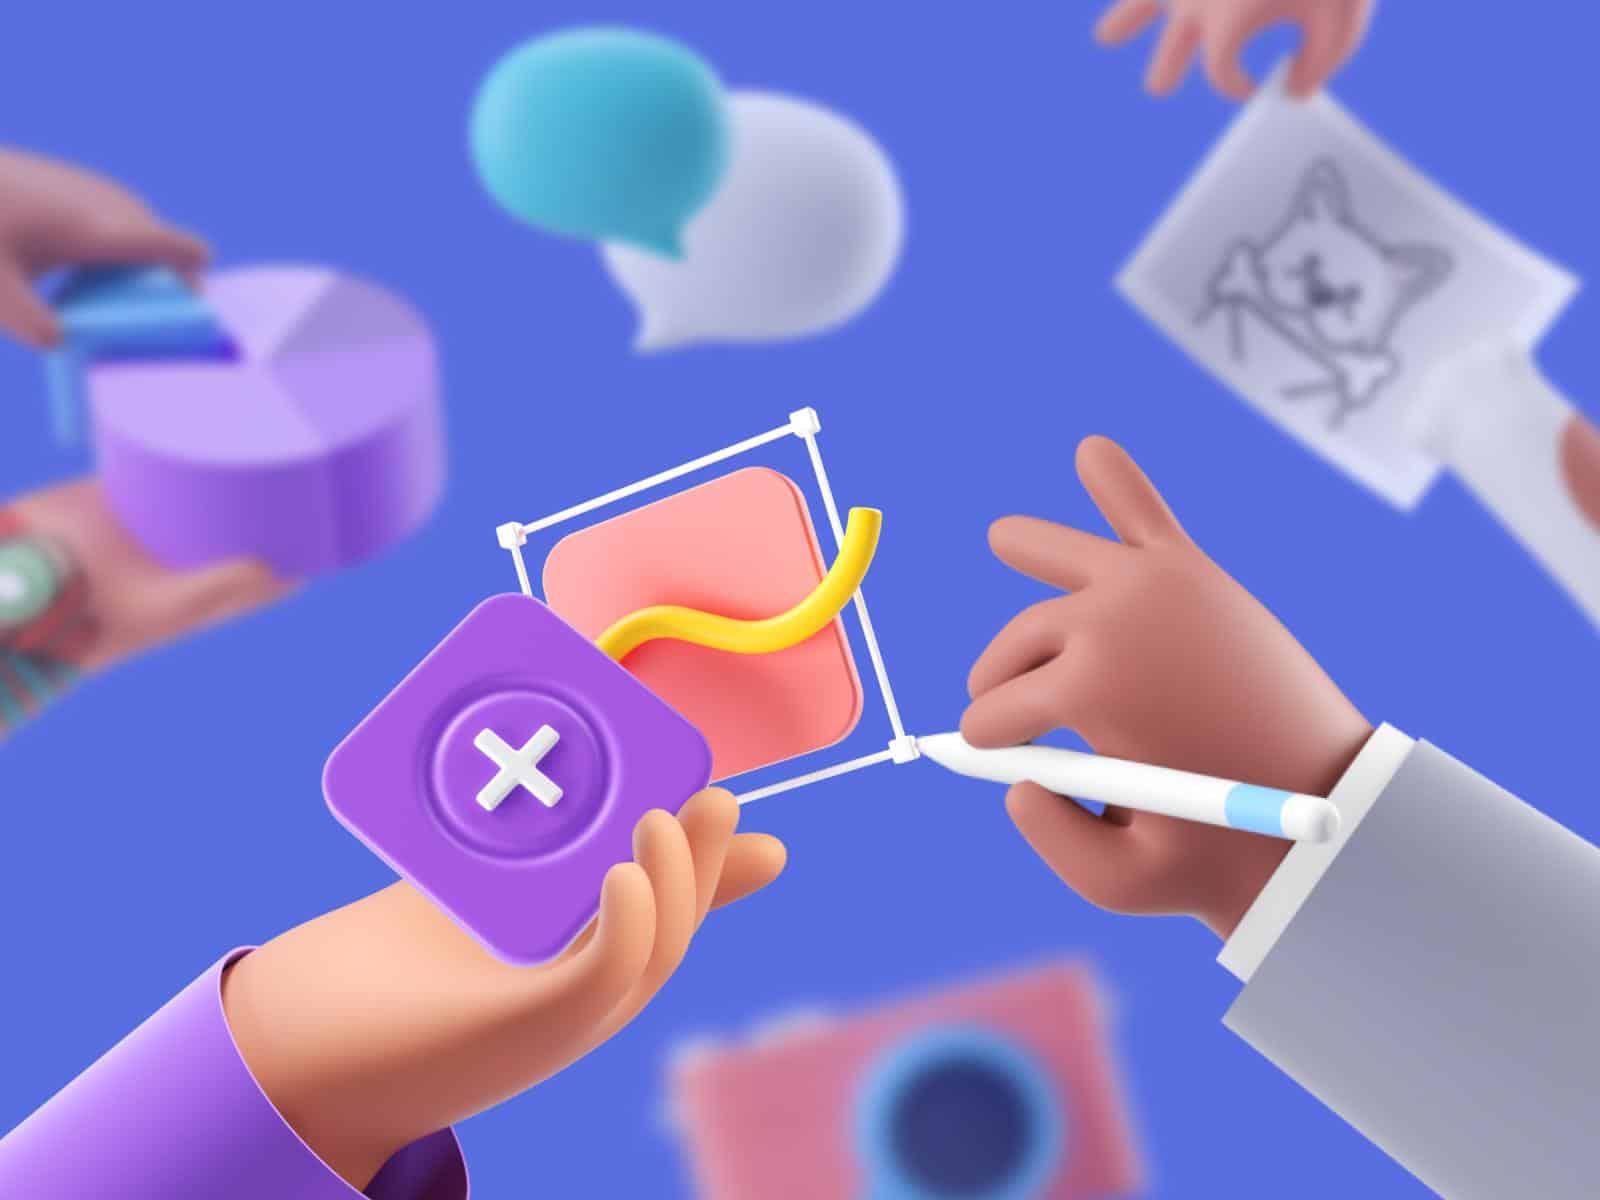 Gói biểu tượng cảm xúc 3D mới.